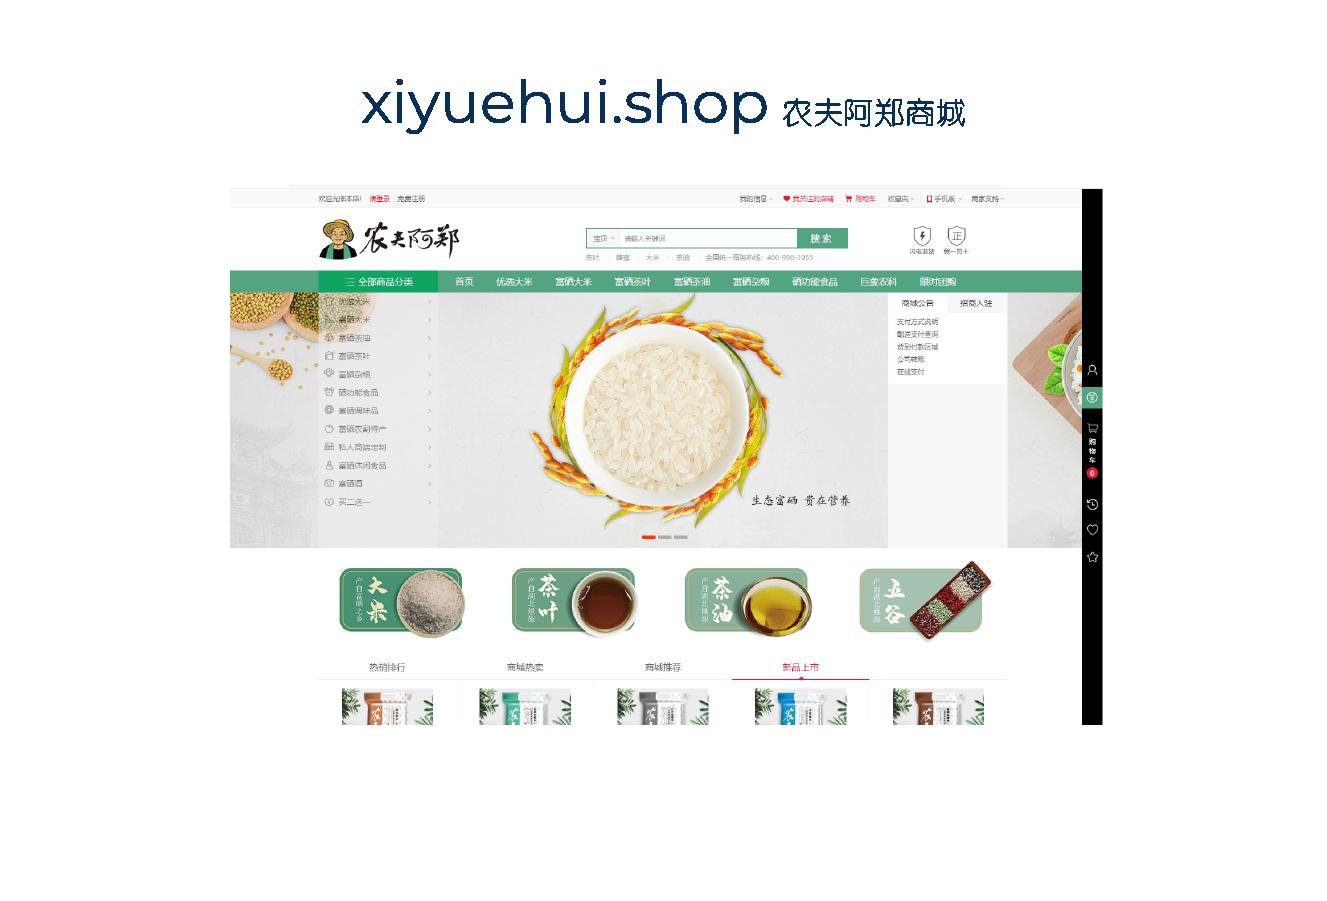 xiyuehui.shop